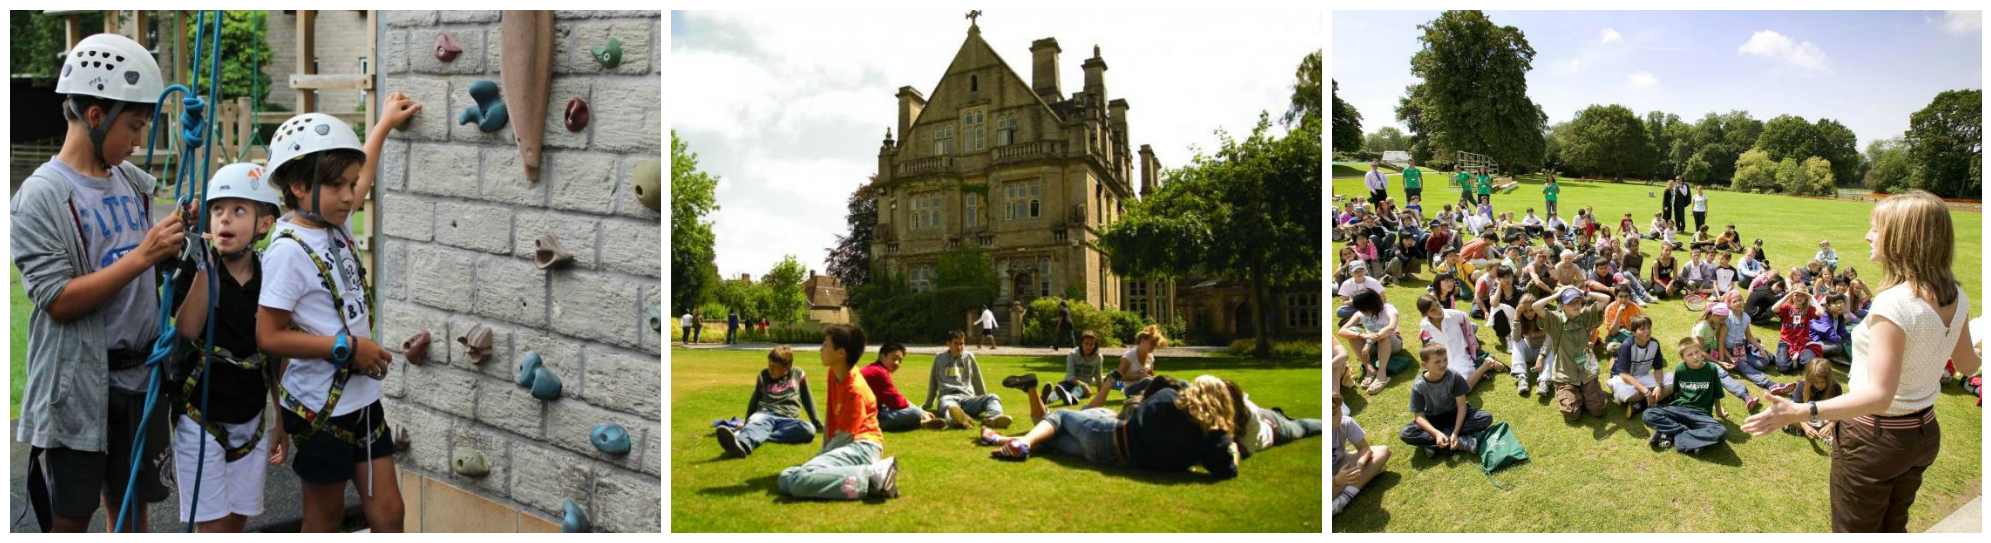 коллаж о детских каникулах летом в англии